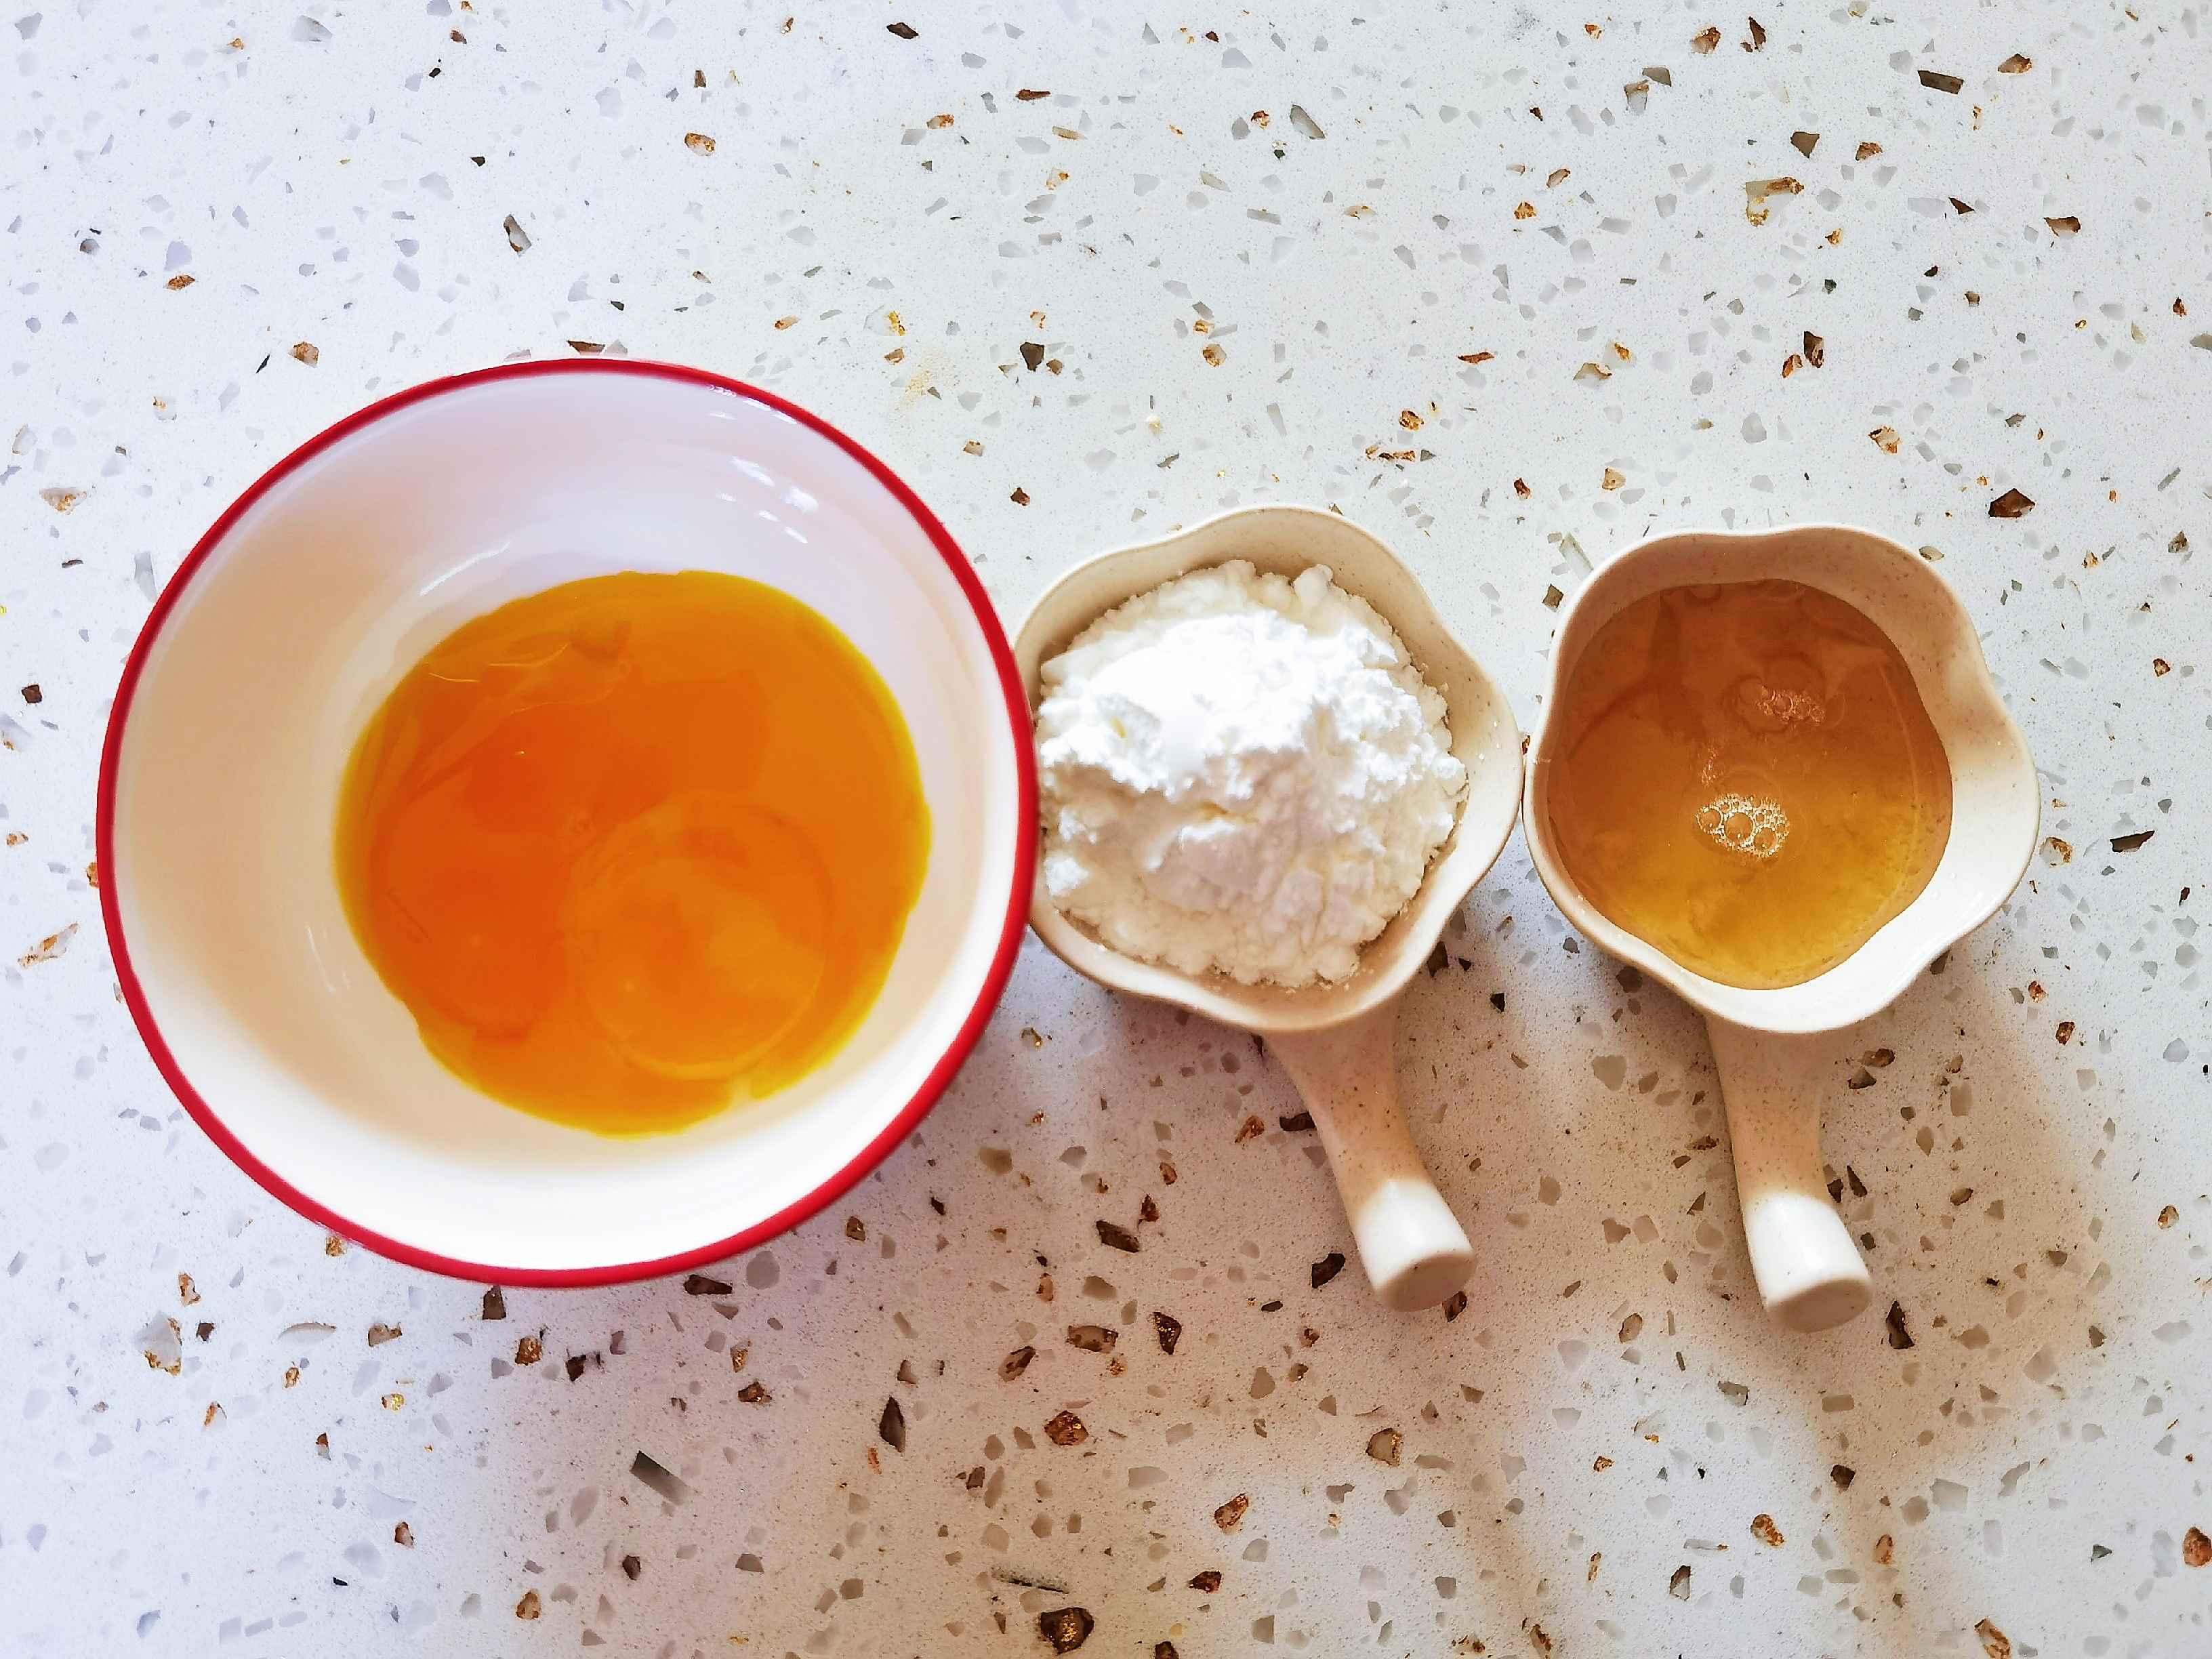 夏日解馋又解暑的香蕉燕麦冰激凌的做法图解